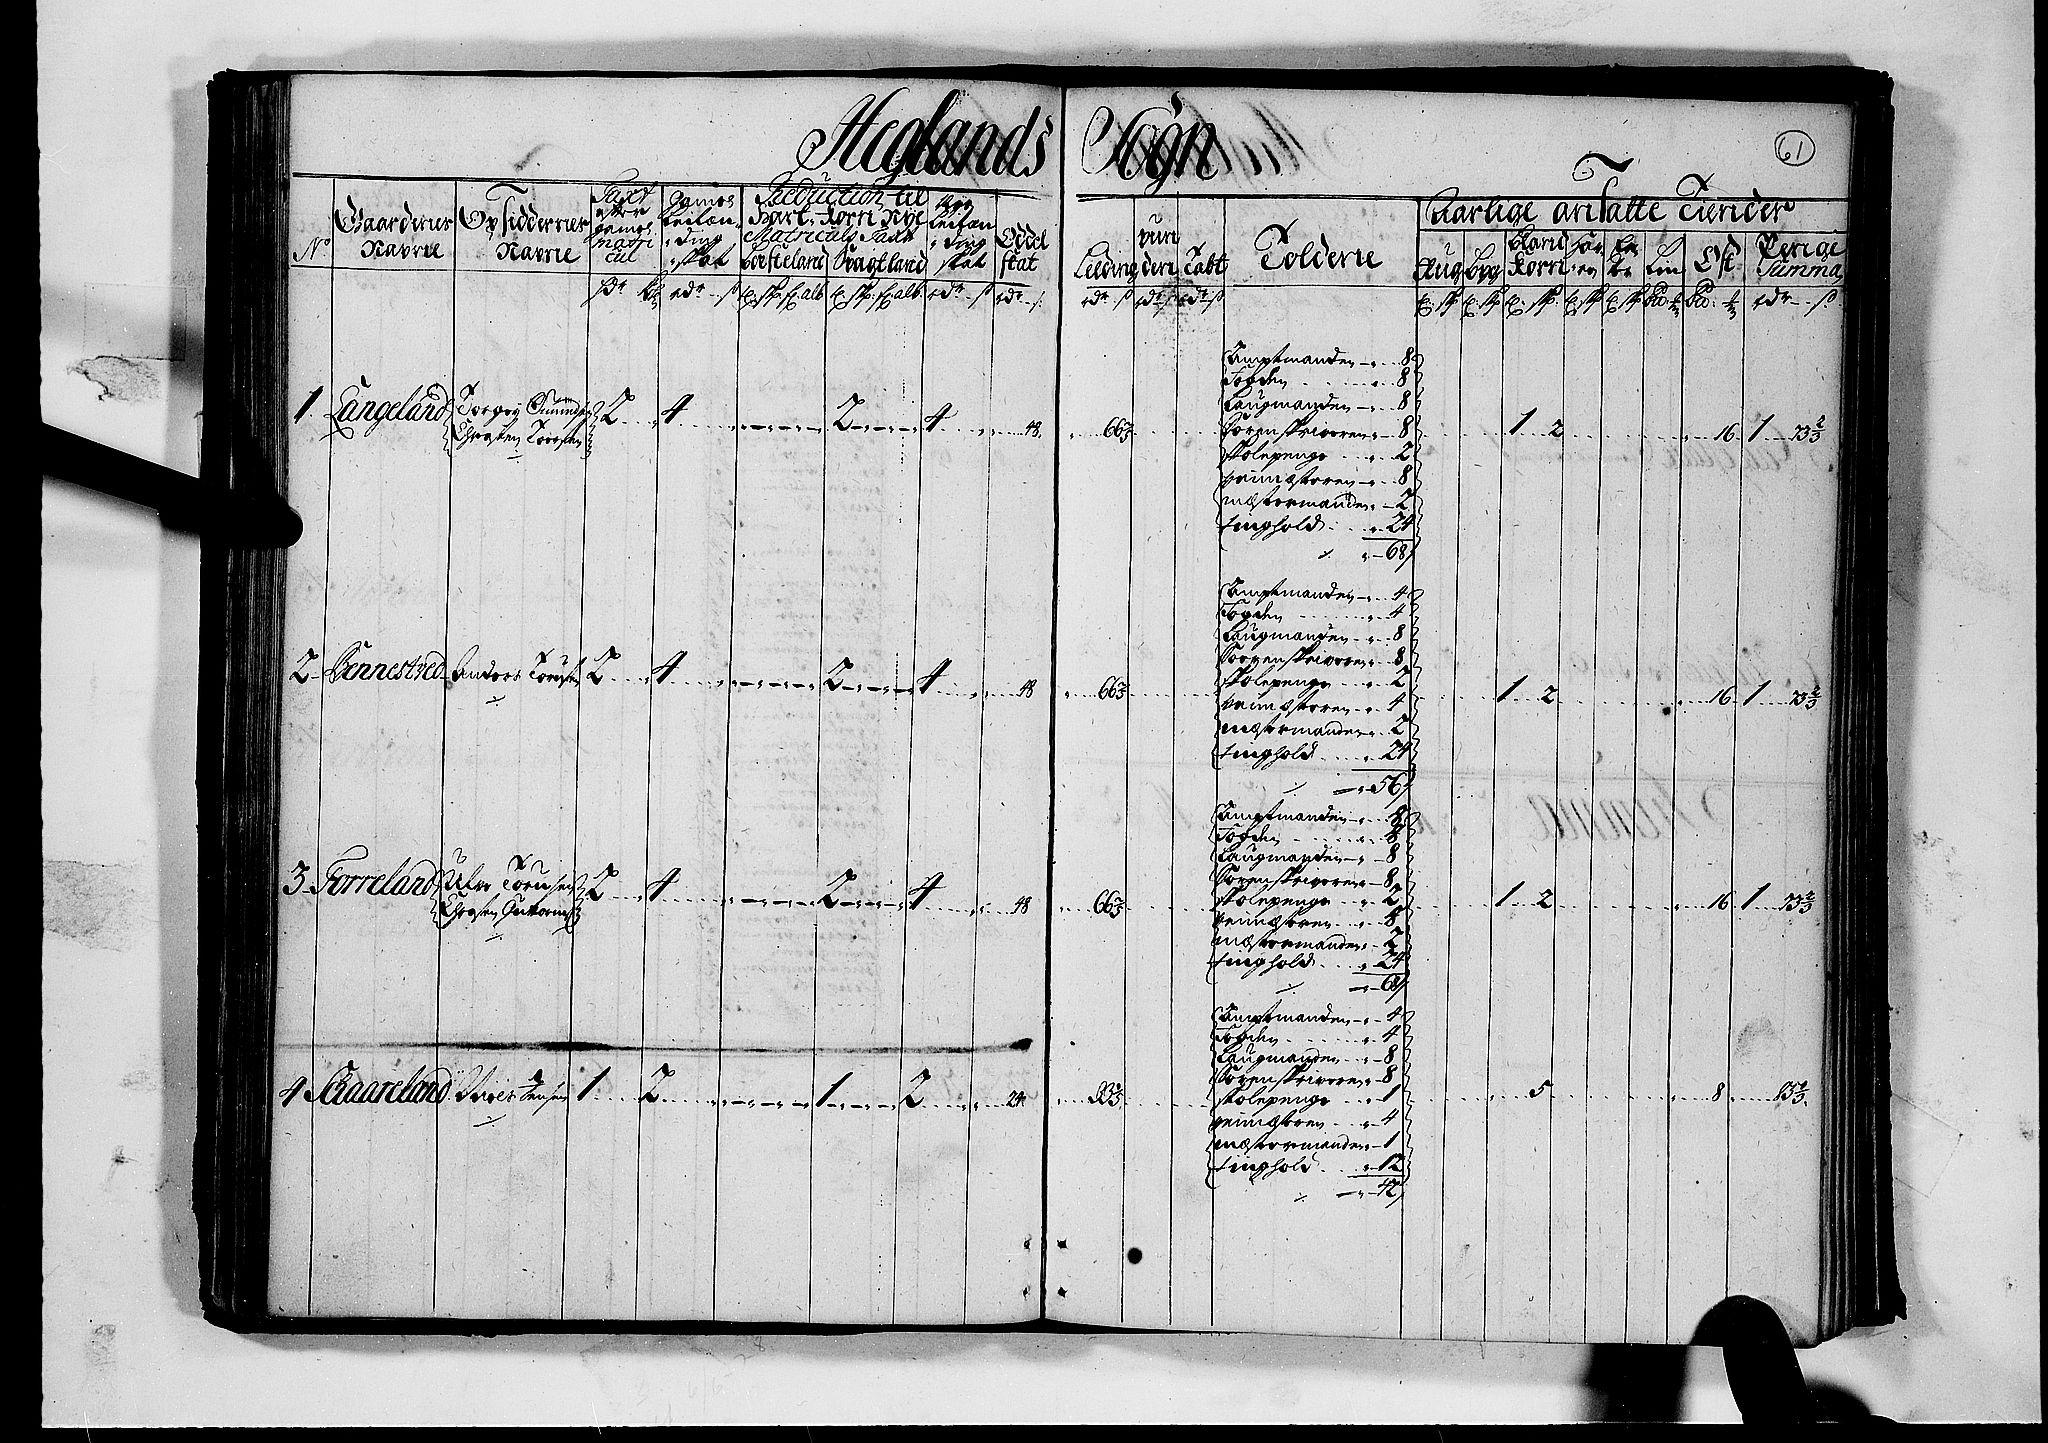 RA, Rentekammeret inntil 1814, Realistisk ordnet avdeling, N/Nb/Nbf/L0126: Råbyggelag matrikkelprotokoll, 1723, s. 60b-61a